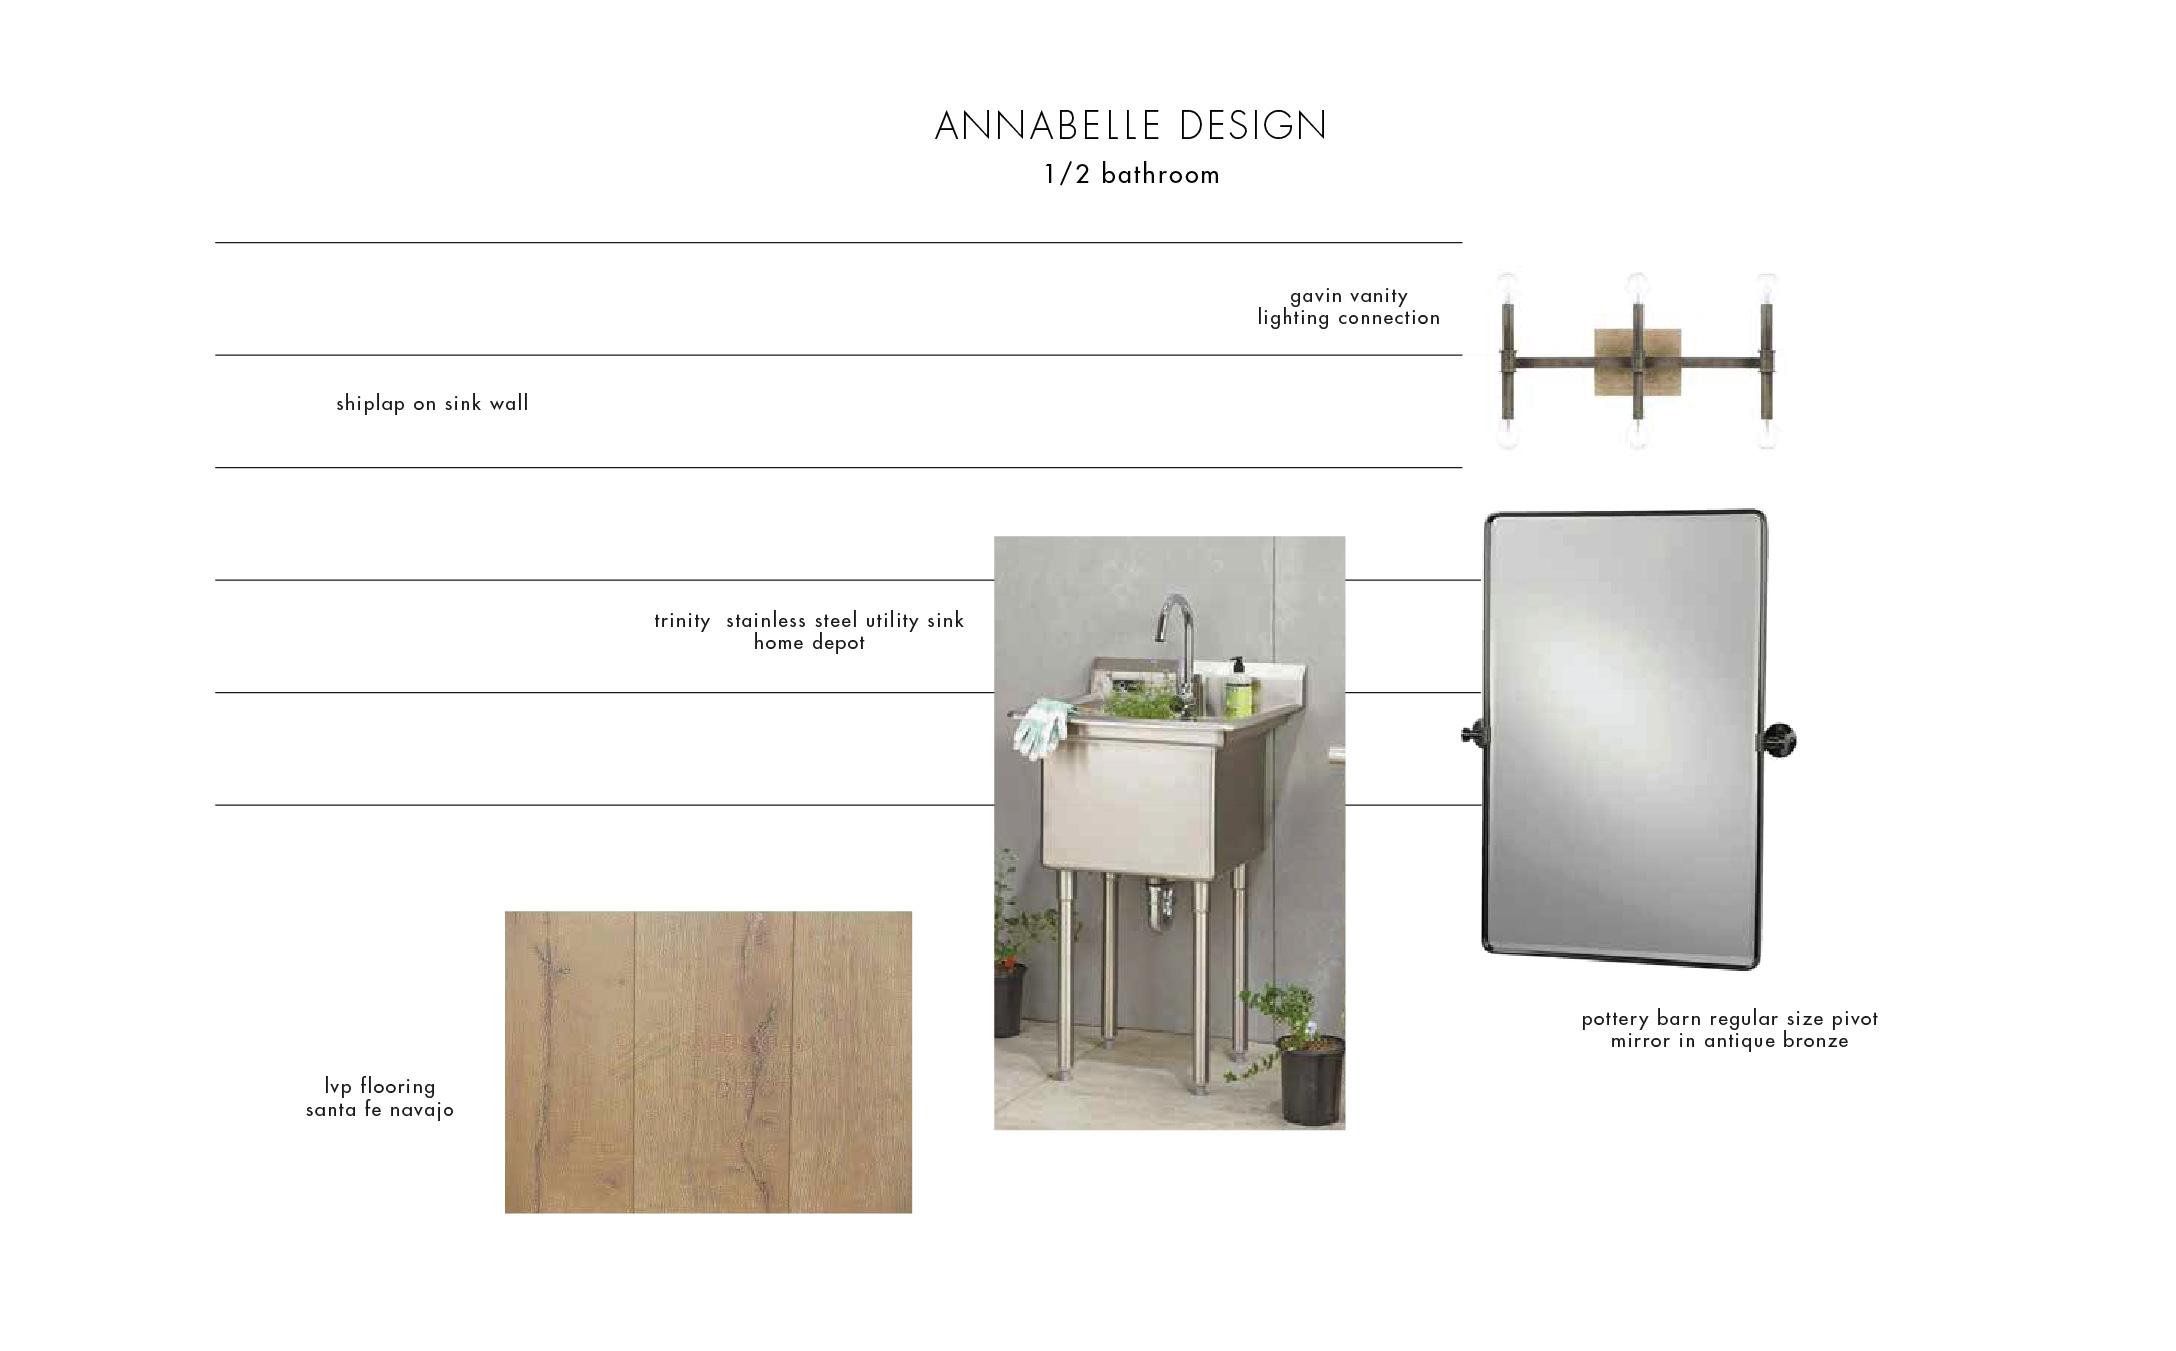 LegacyRidge-DesignBoardsConstructWeb-12.jpg